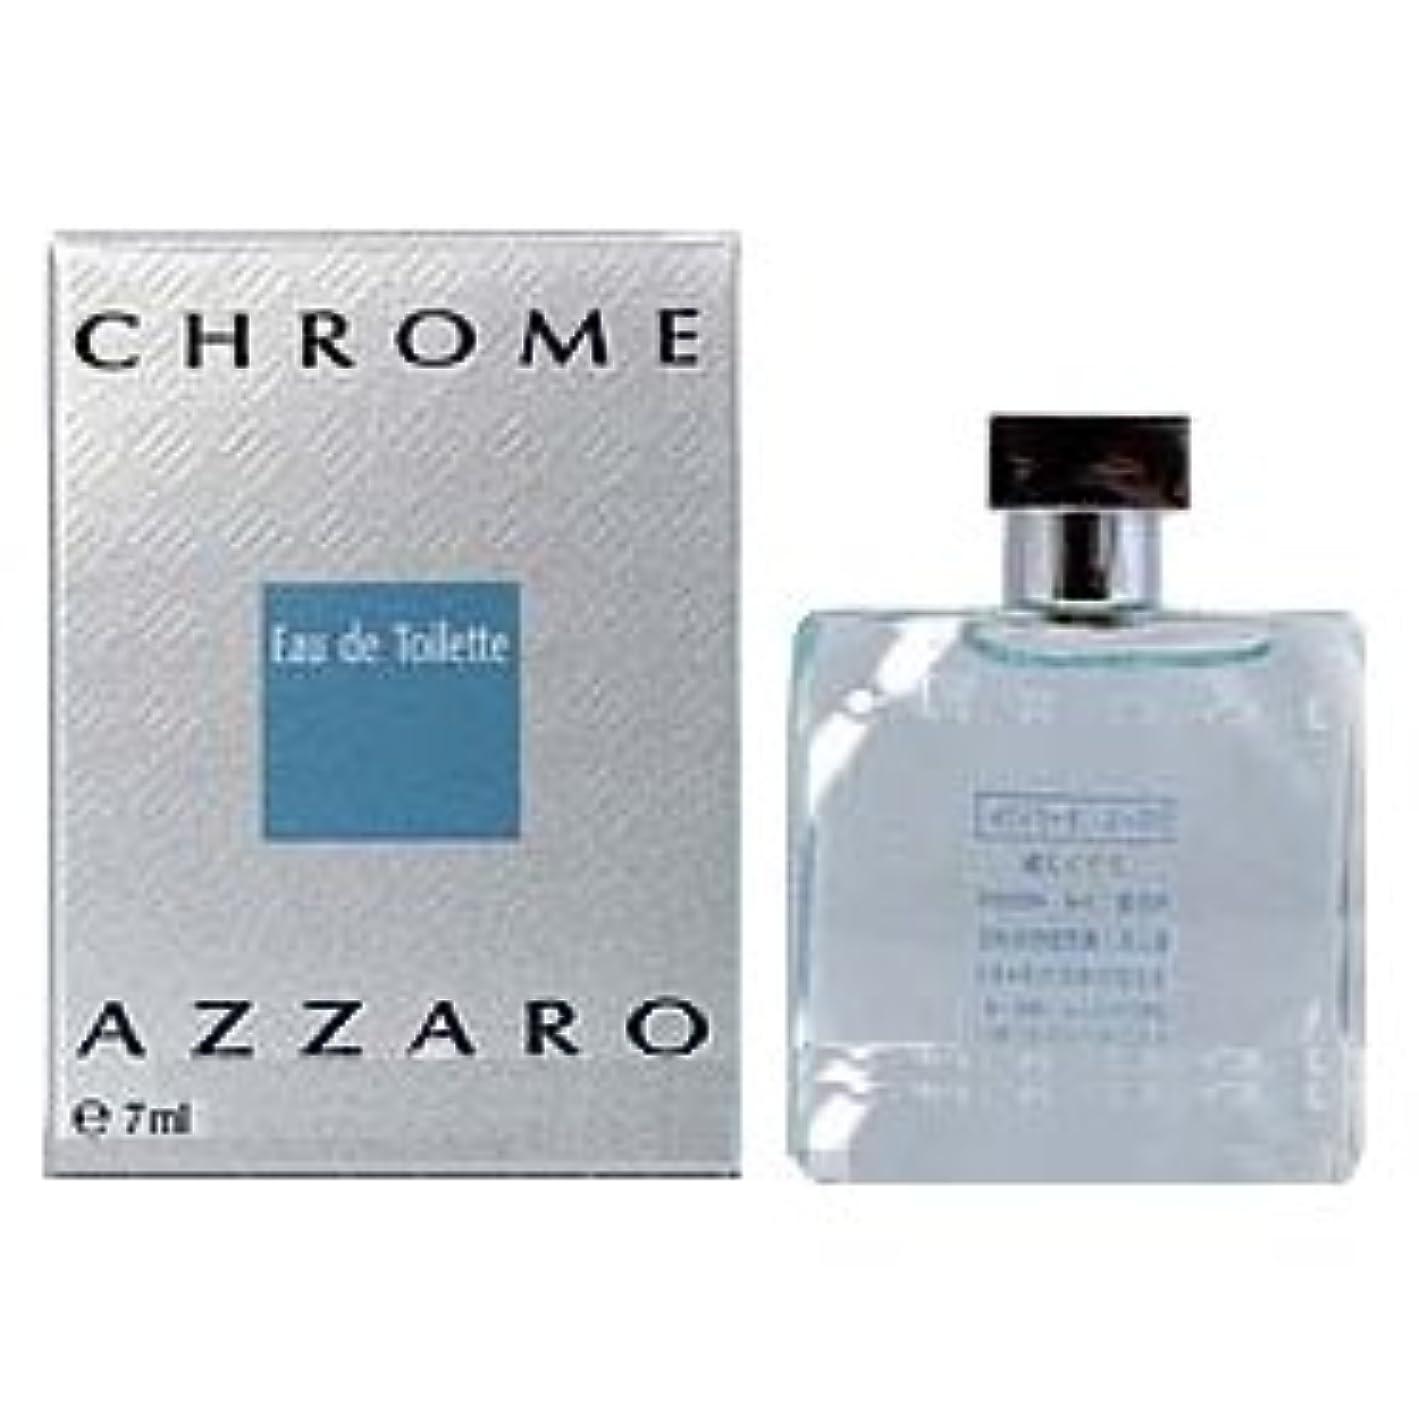 挑む約束する国内のアザロ クローム EDT7ml ミニ香水